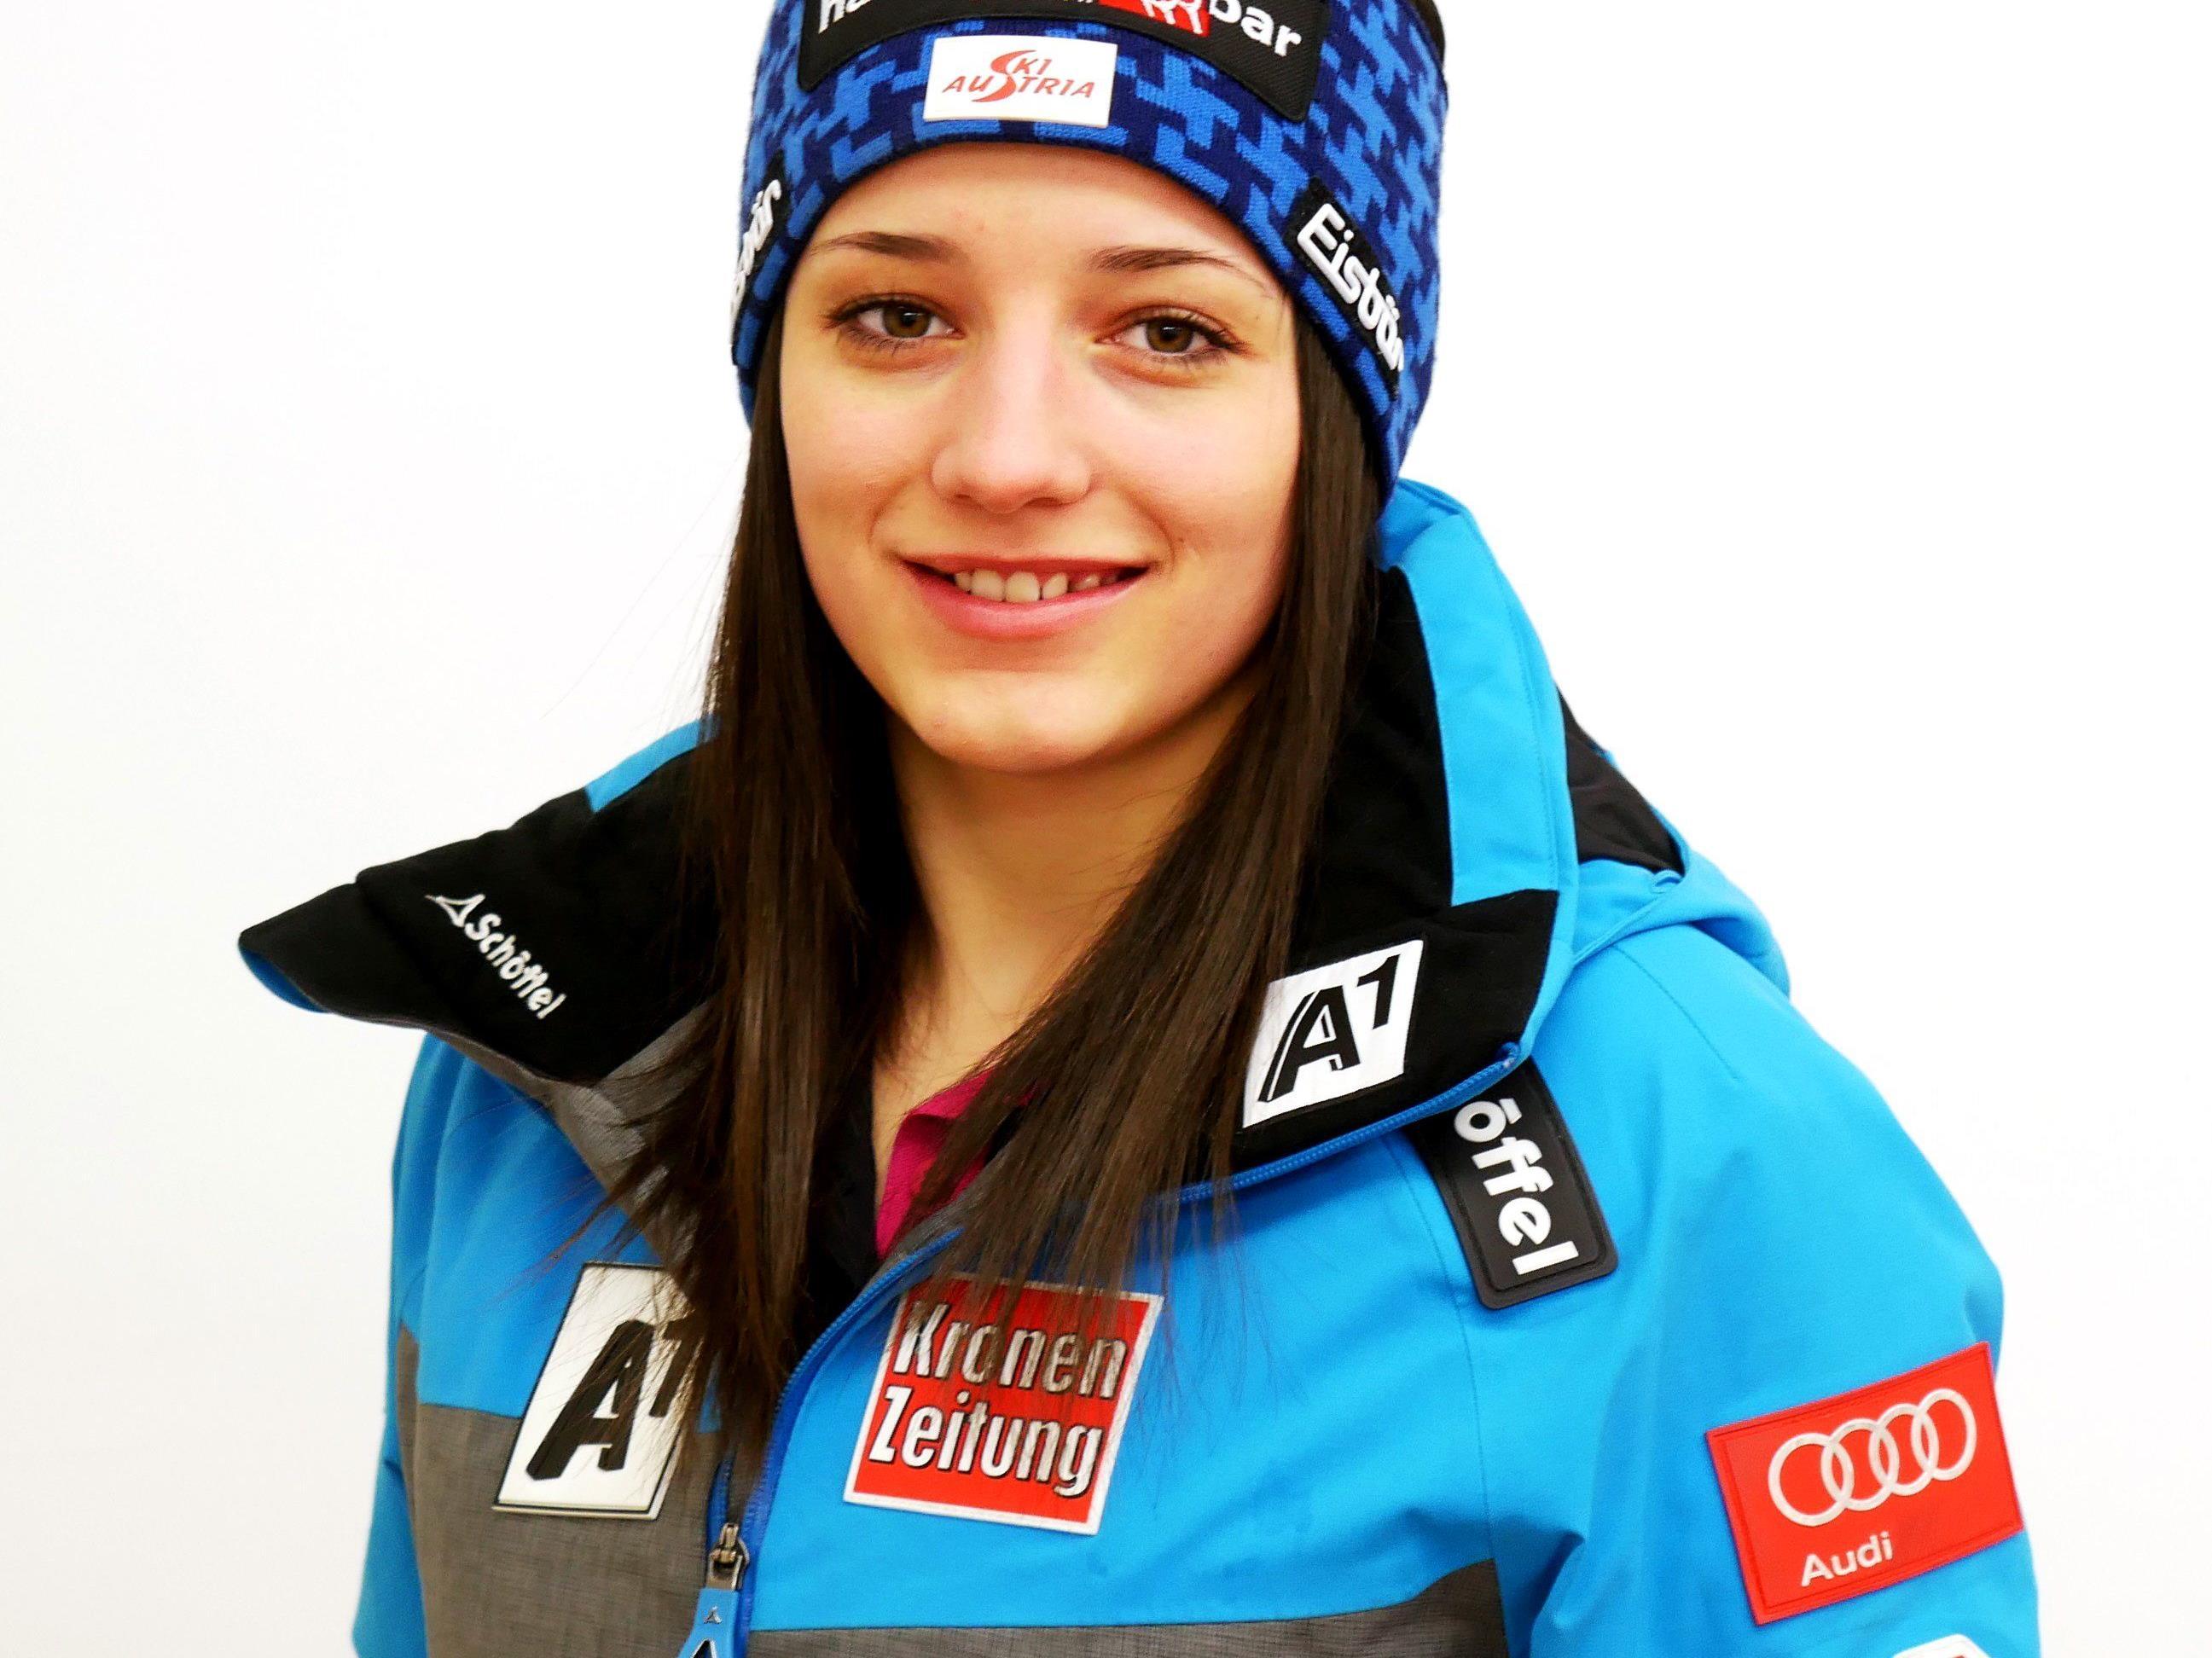 Pia Schmid